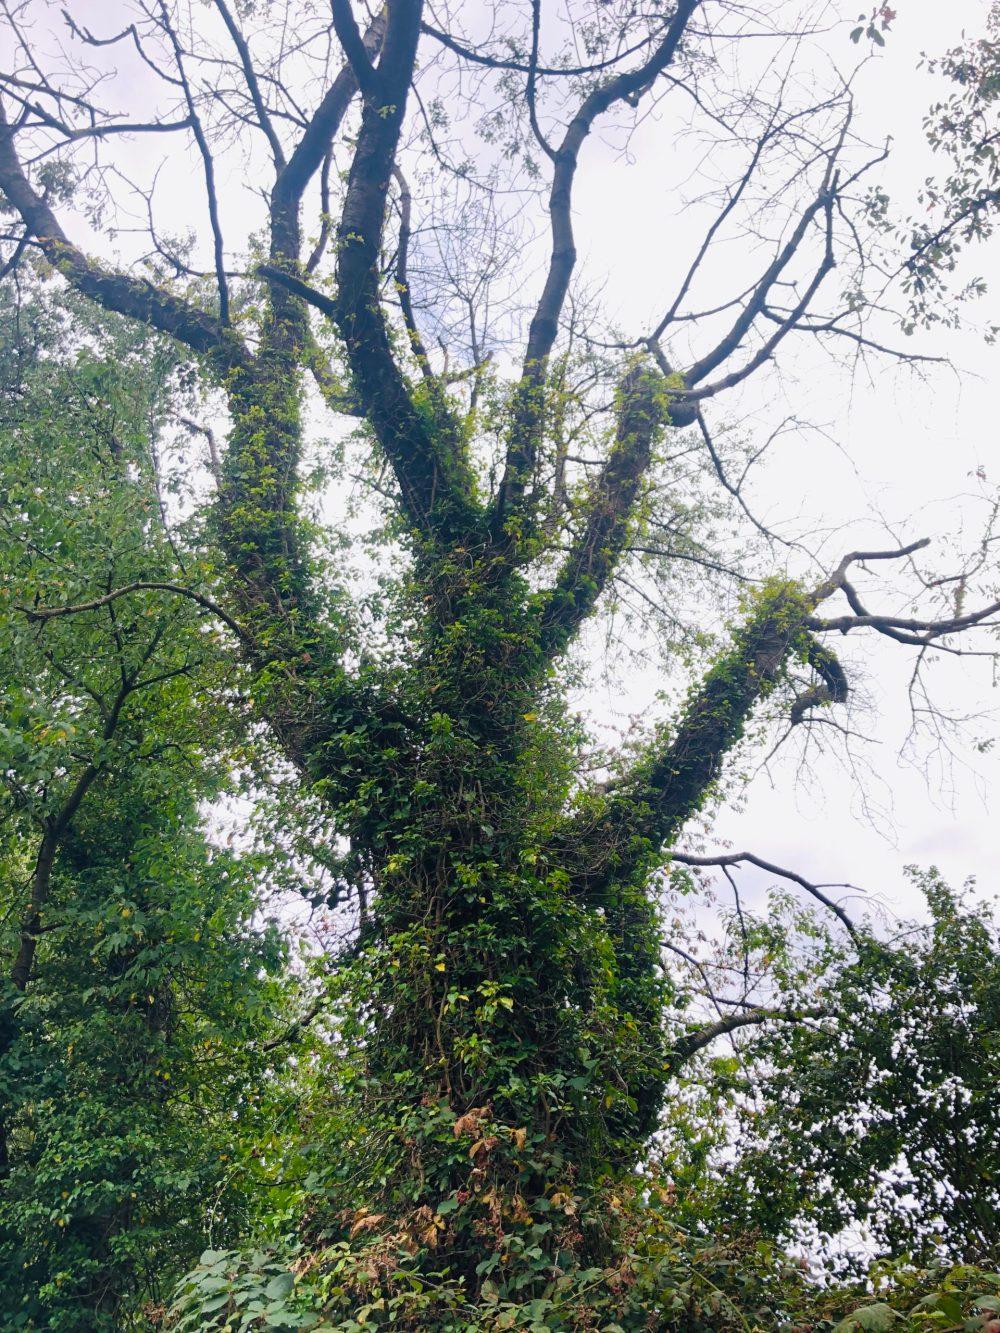 Großer Baum bewachsen mit vielen Kletterpflanzen